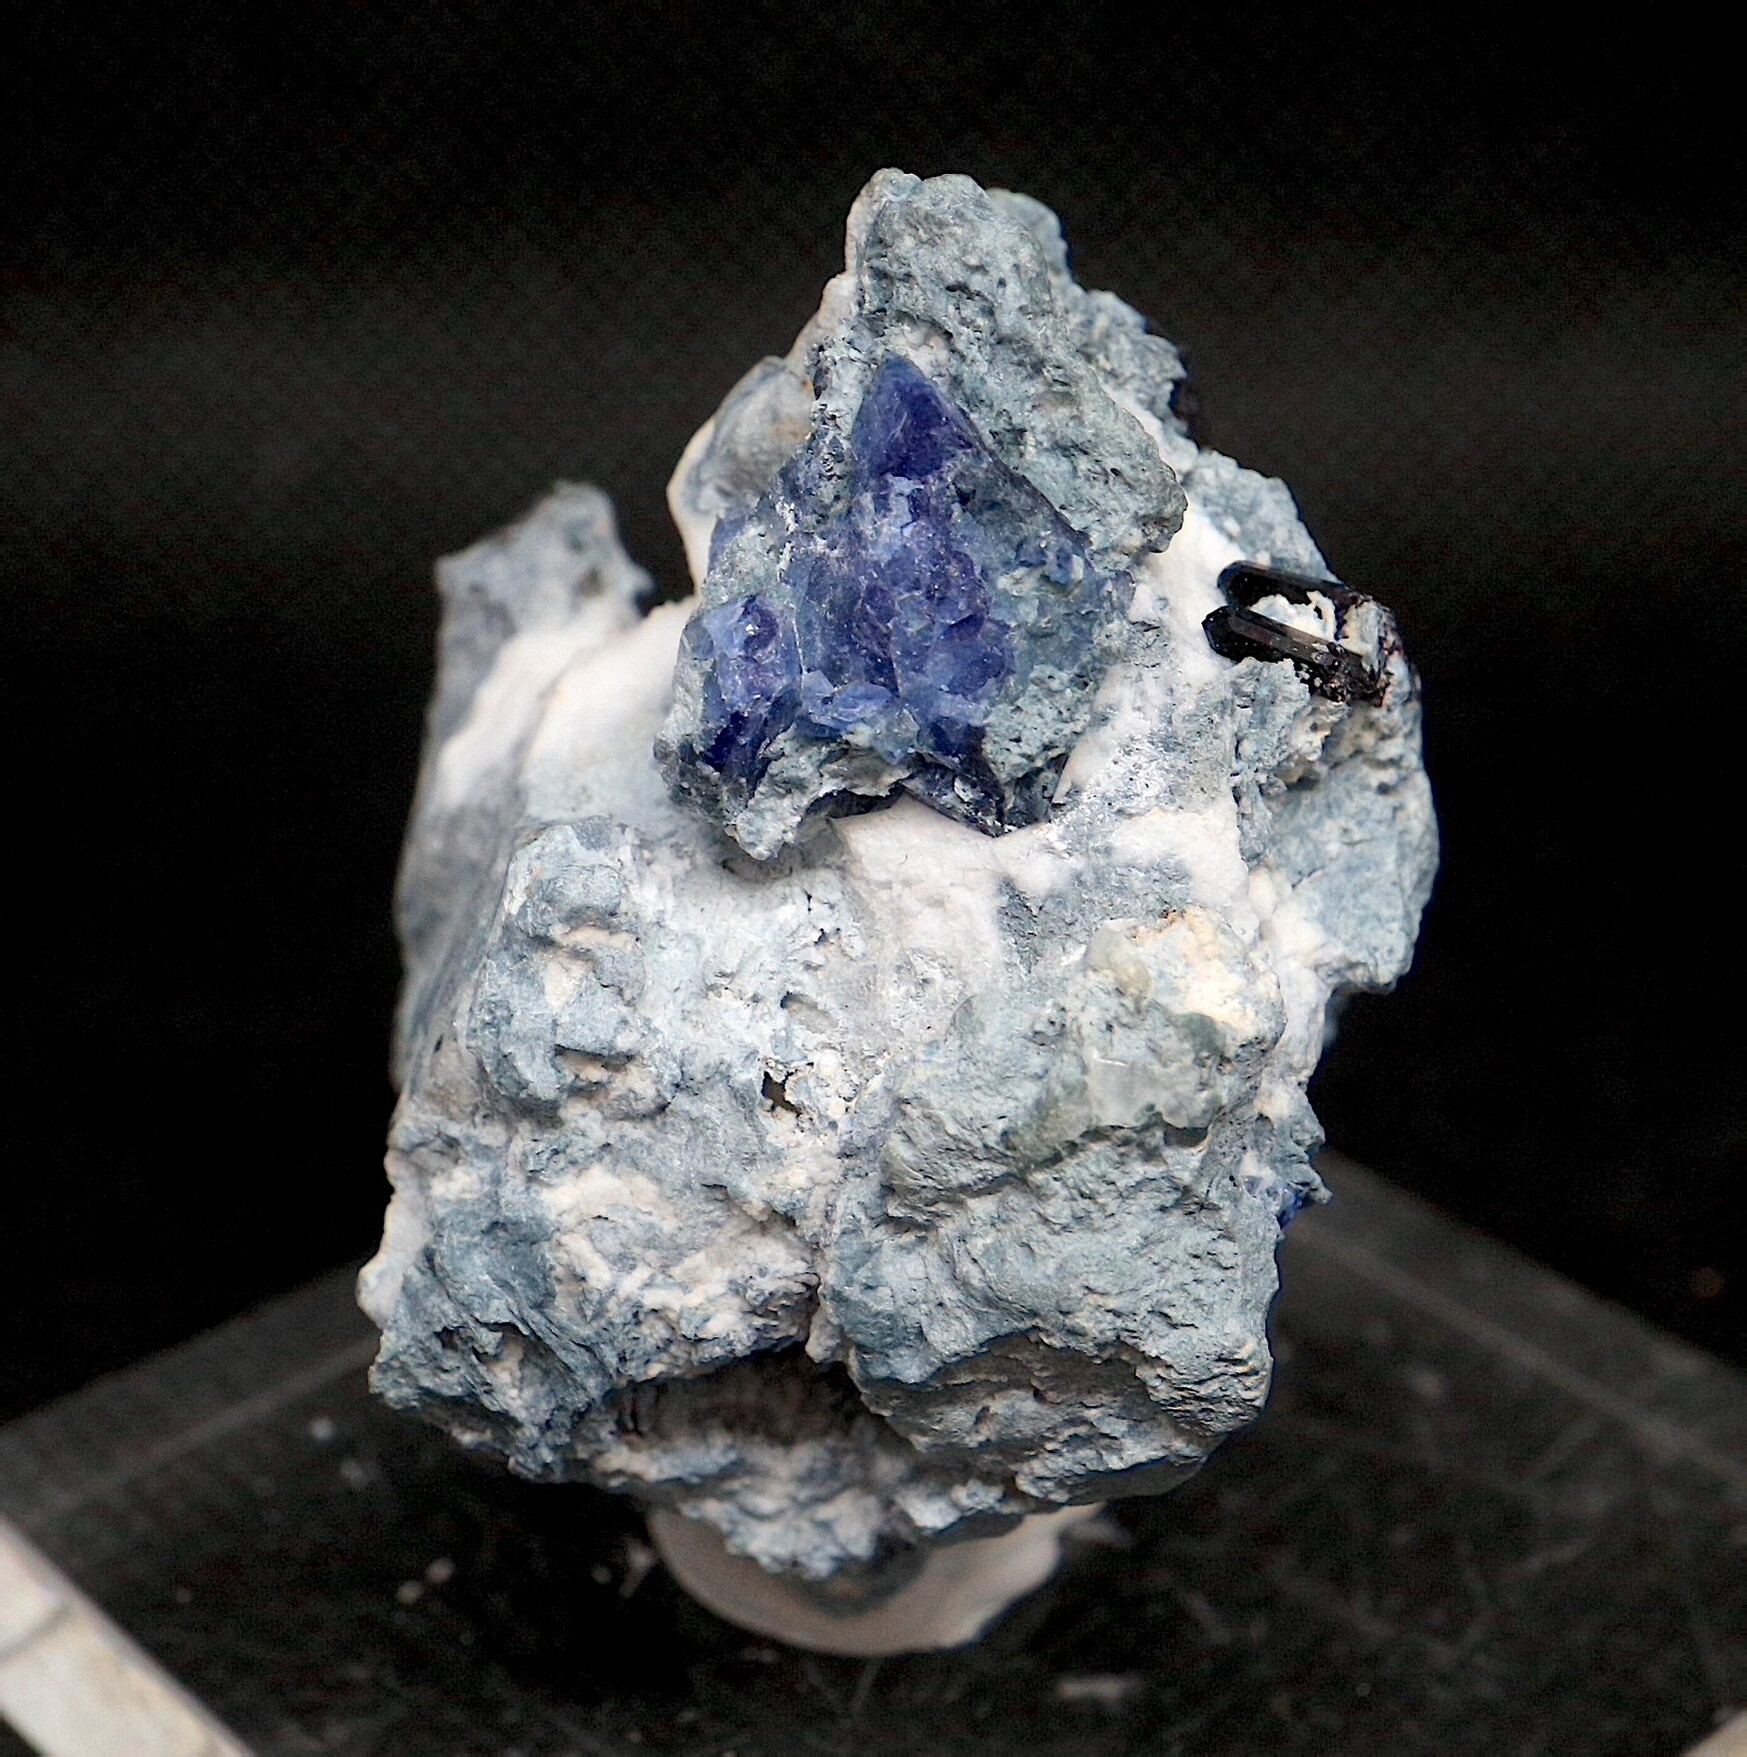 ベニトアイト ネプチュナイト ベニト石  海王石 カリフォルニア産 37,3g BN094 鉱物 天然石 パワーストーン